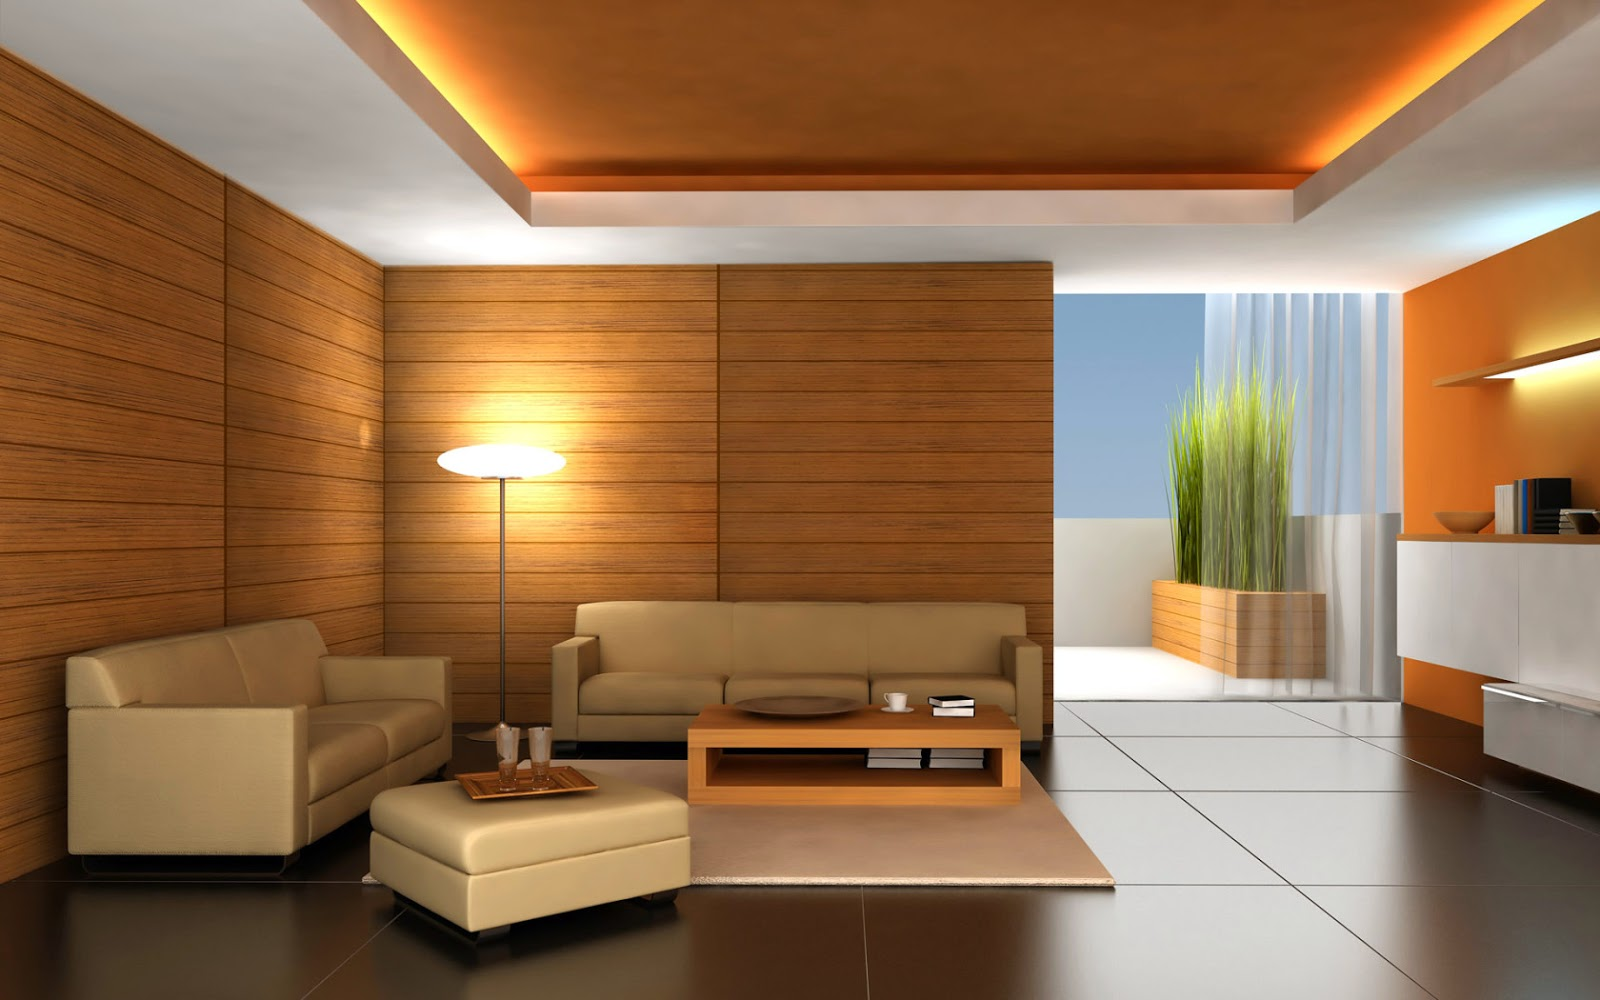 http://ruangantamu.blogspot.com/2015/01/gambar-ruangan-tamu-lantai-kayu-4.html